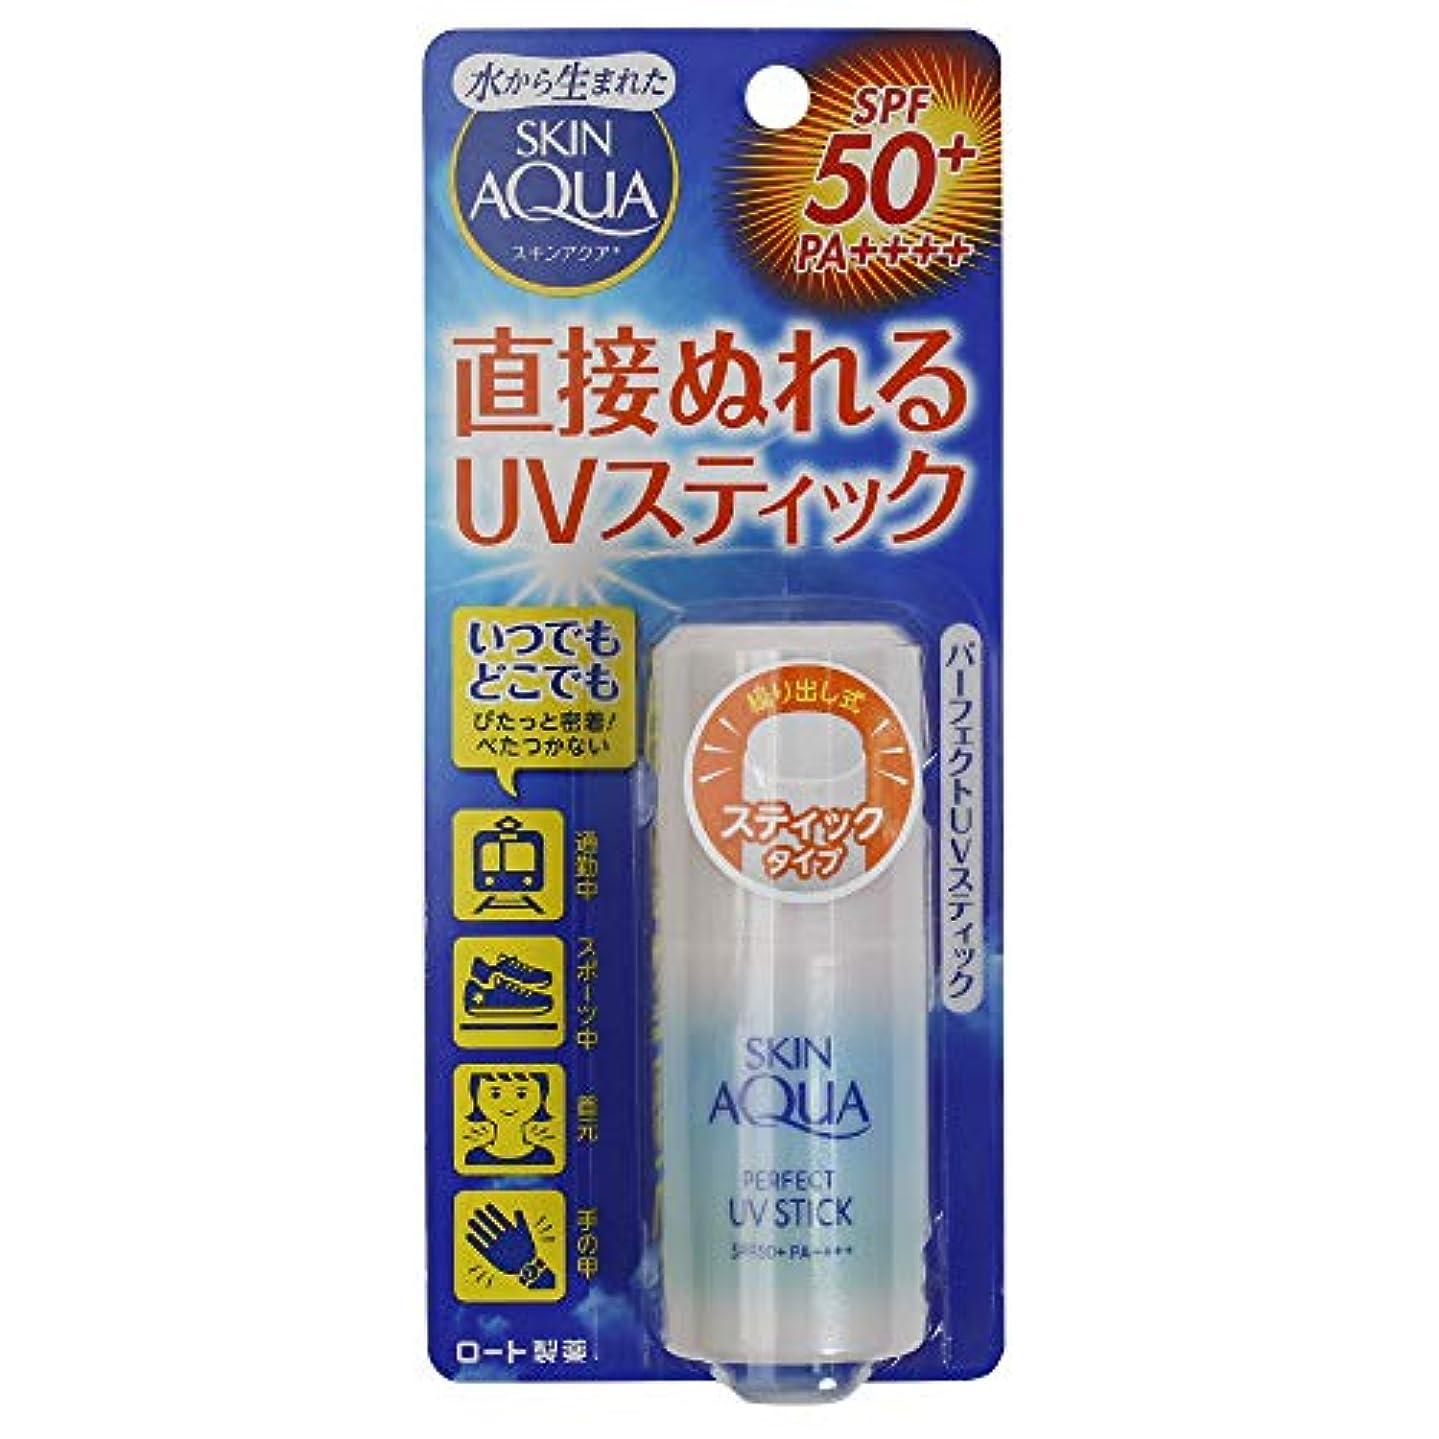 セーブ侵略ステージ(ロート製薬)スキンアクア パーフェクトUVスティック 10g(お買い得3個セット)